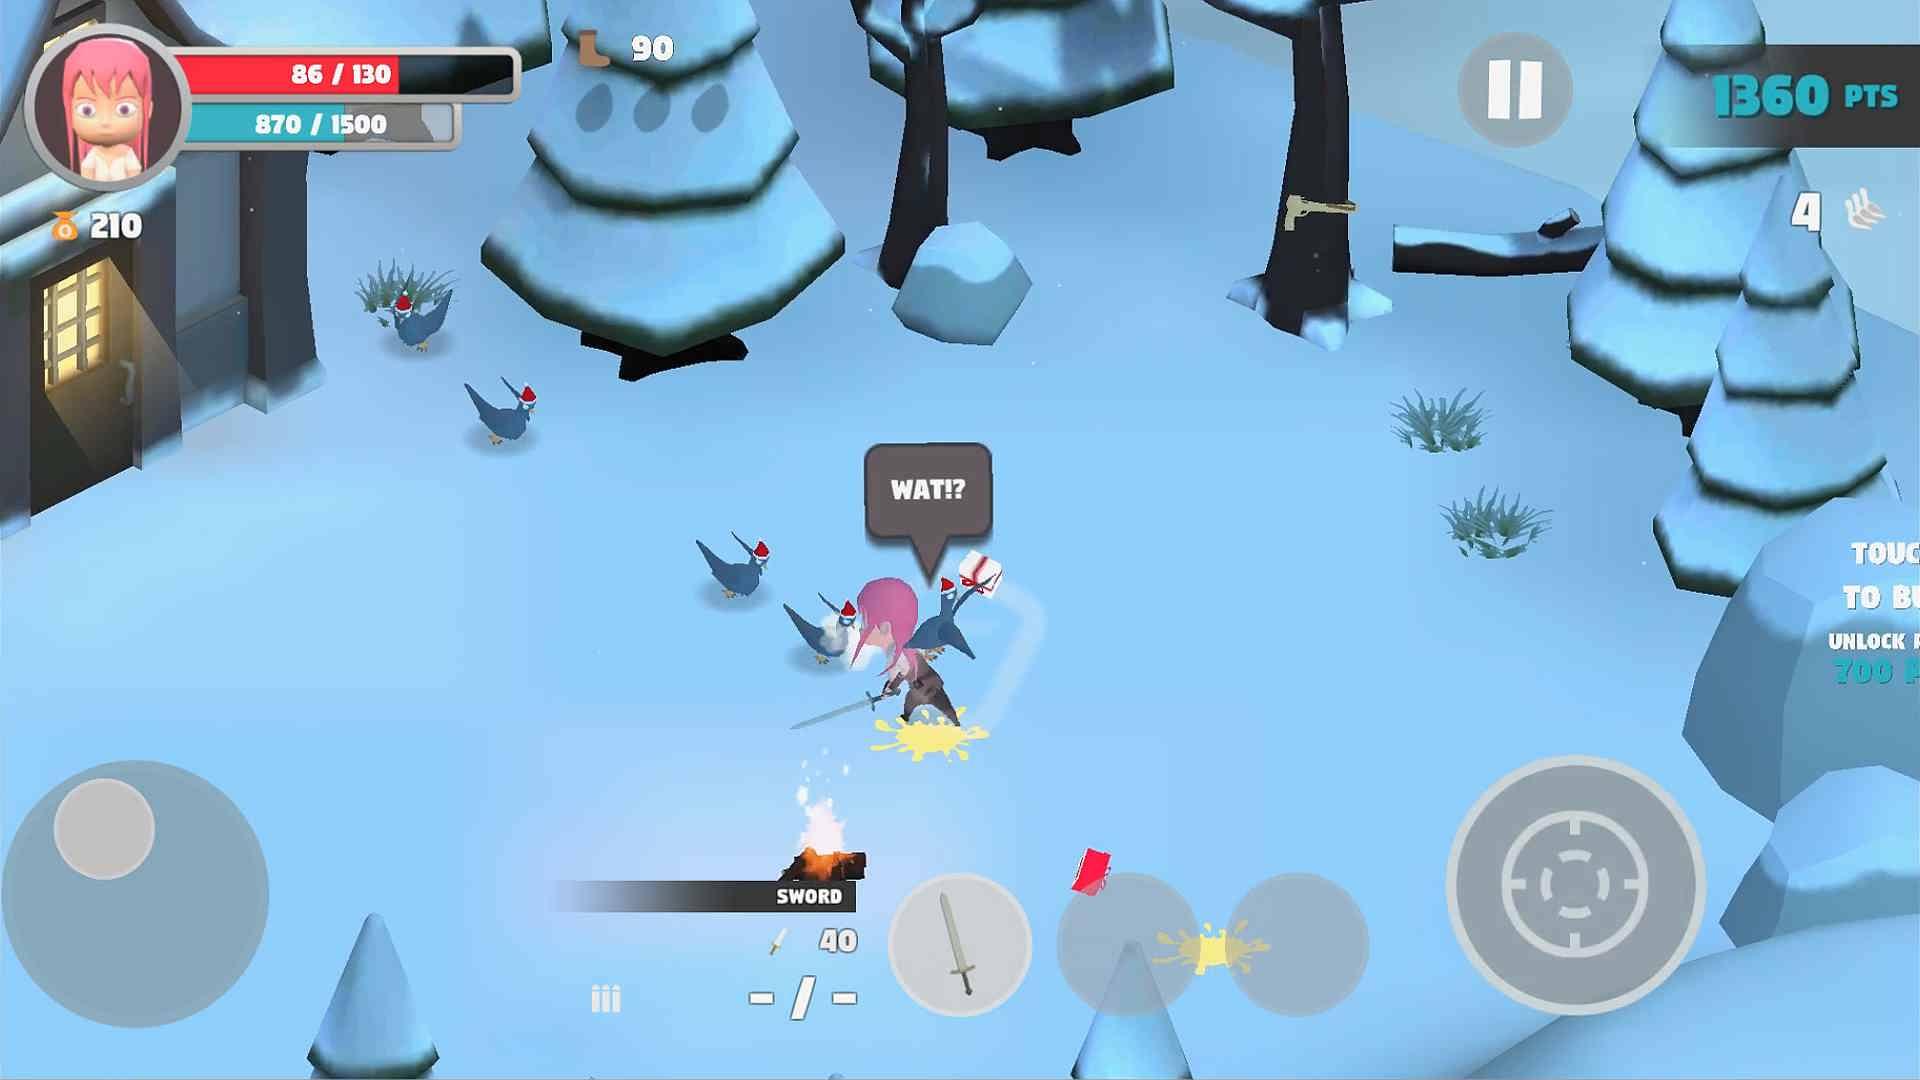 دانلود Pigeons Attack 1.1.5 – بازی اکشن حمله کبوترها اندروید